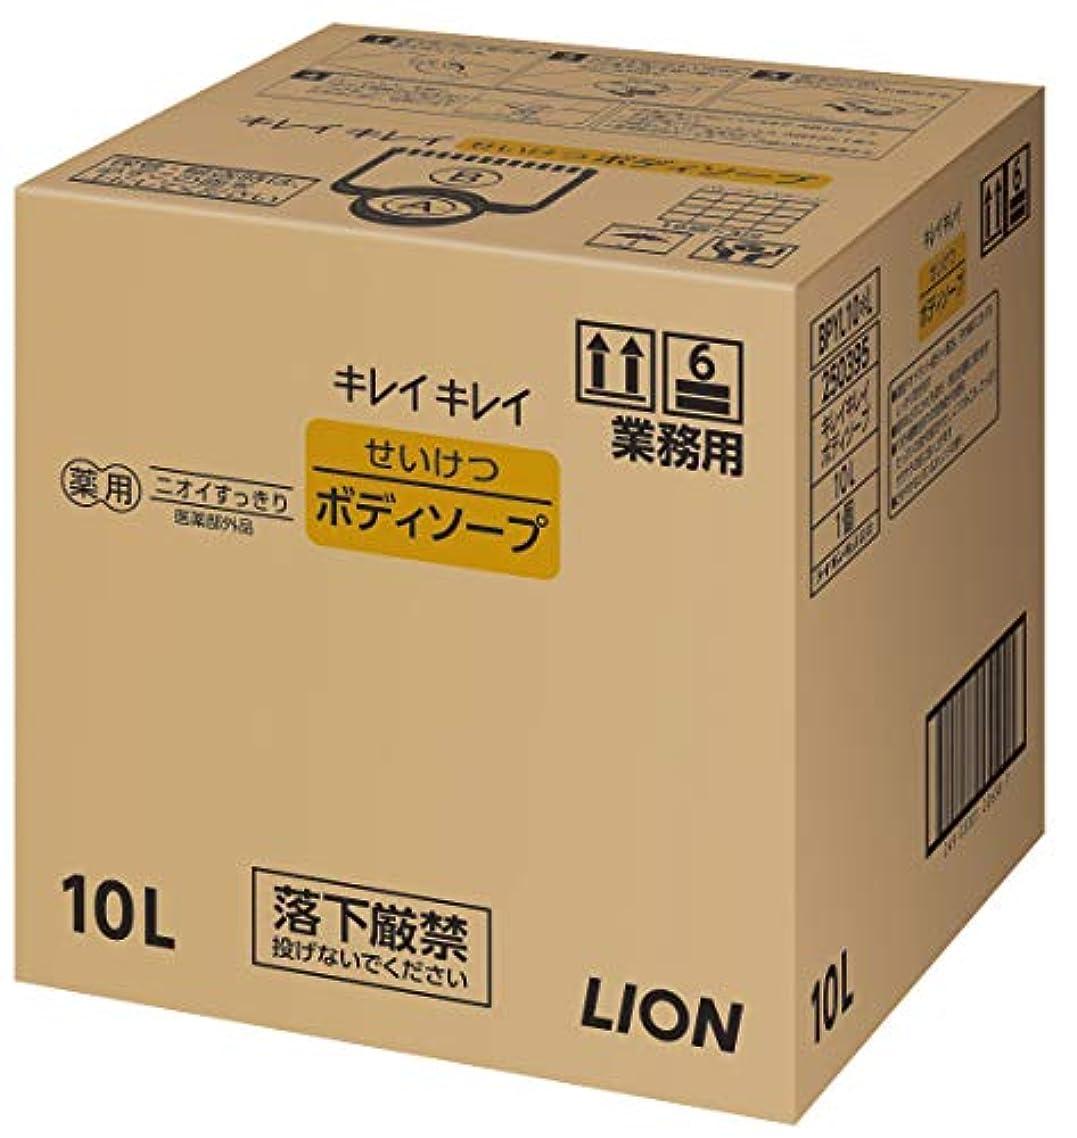 天窓アーサーレポートを書くキレイキレイ せいけつボディソープ さわやかなレモン&オレンジの香り 業務用 10L